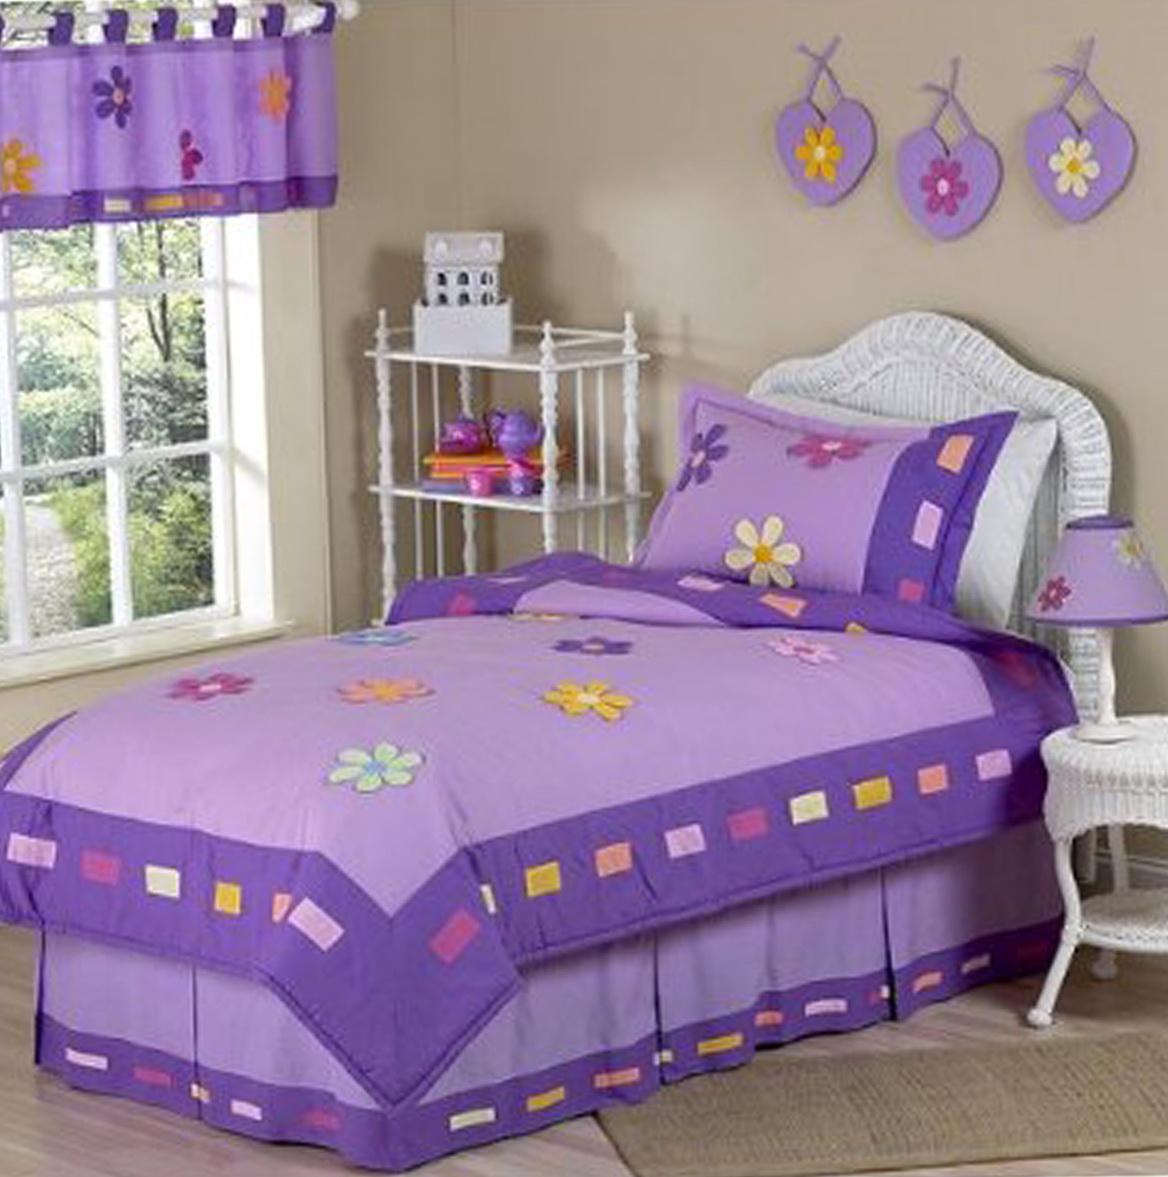 Full Bed Sets For Kids